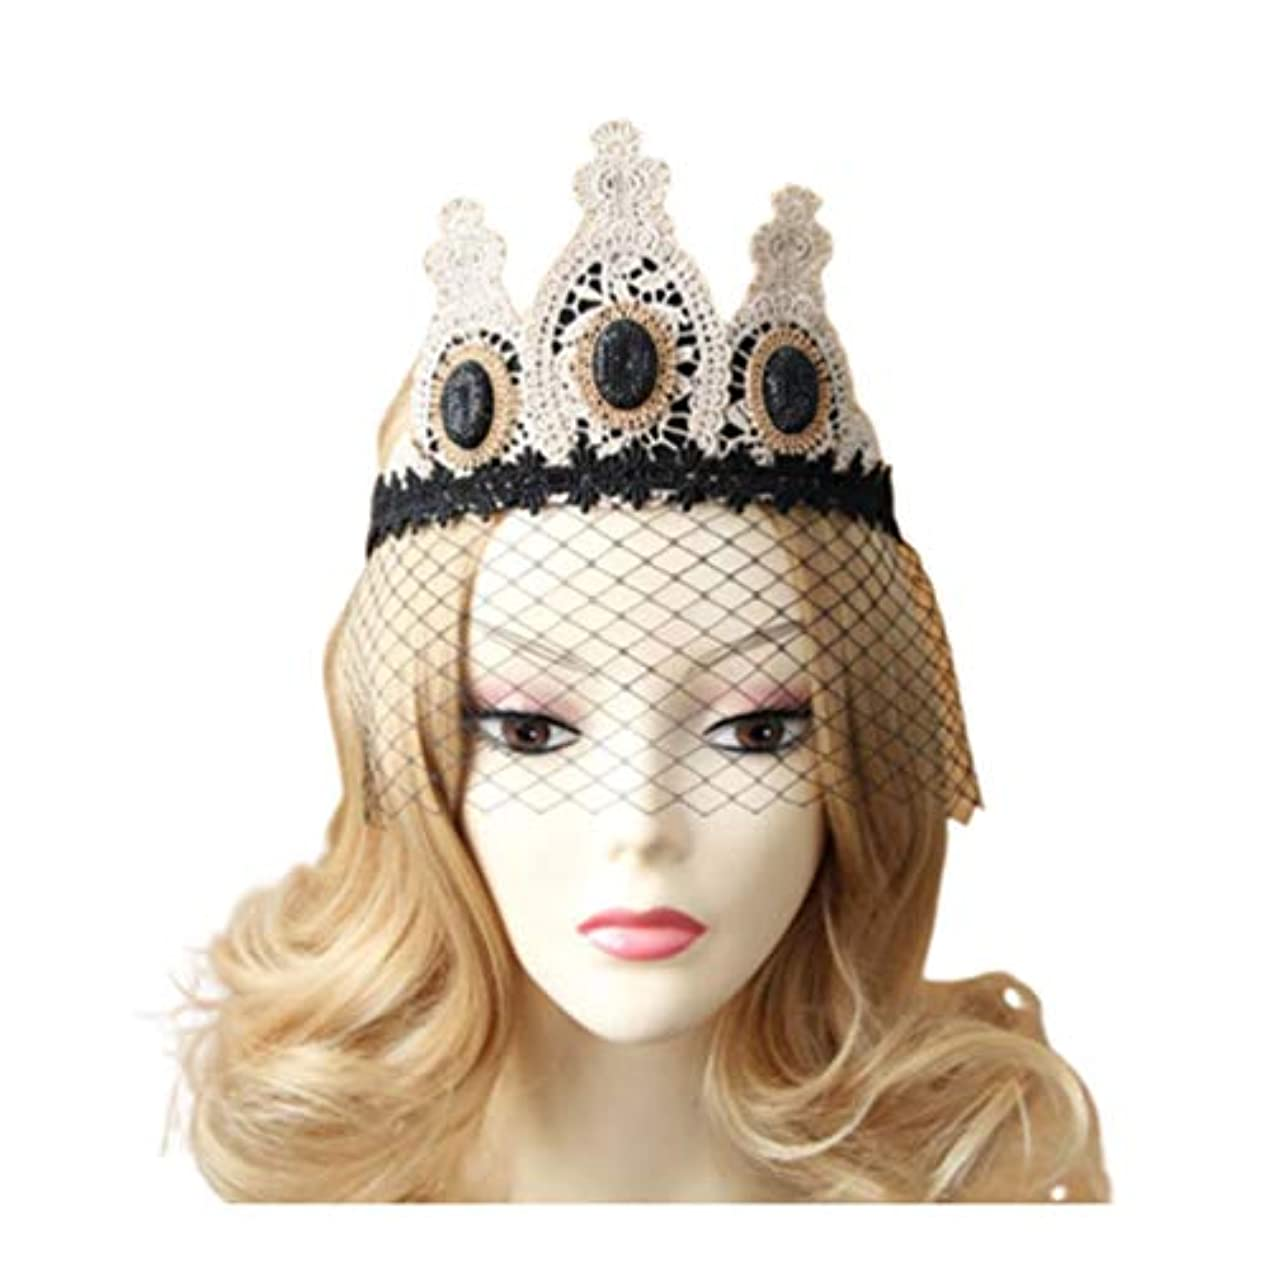 立ち向かう愚かな閃光Lurrose レースクラウンヴィンテージゴシックメッシュベールヘッドバンドレースベール帽子ハロウィンヘア装飾用女性女性